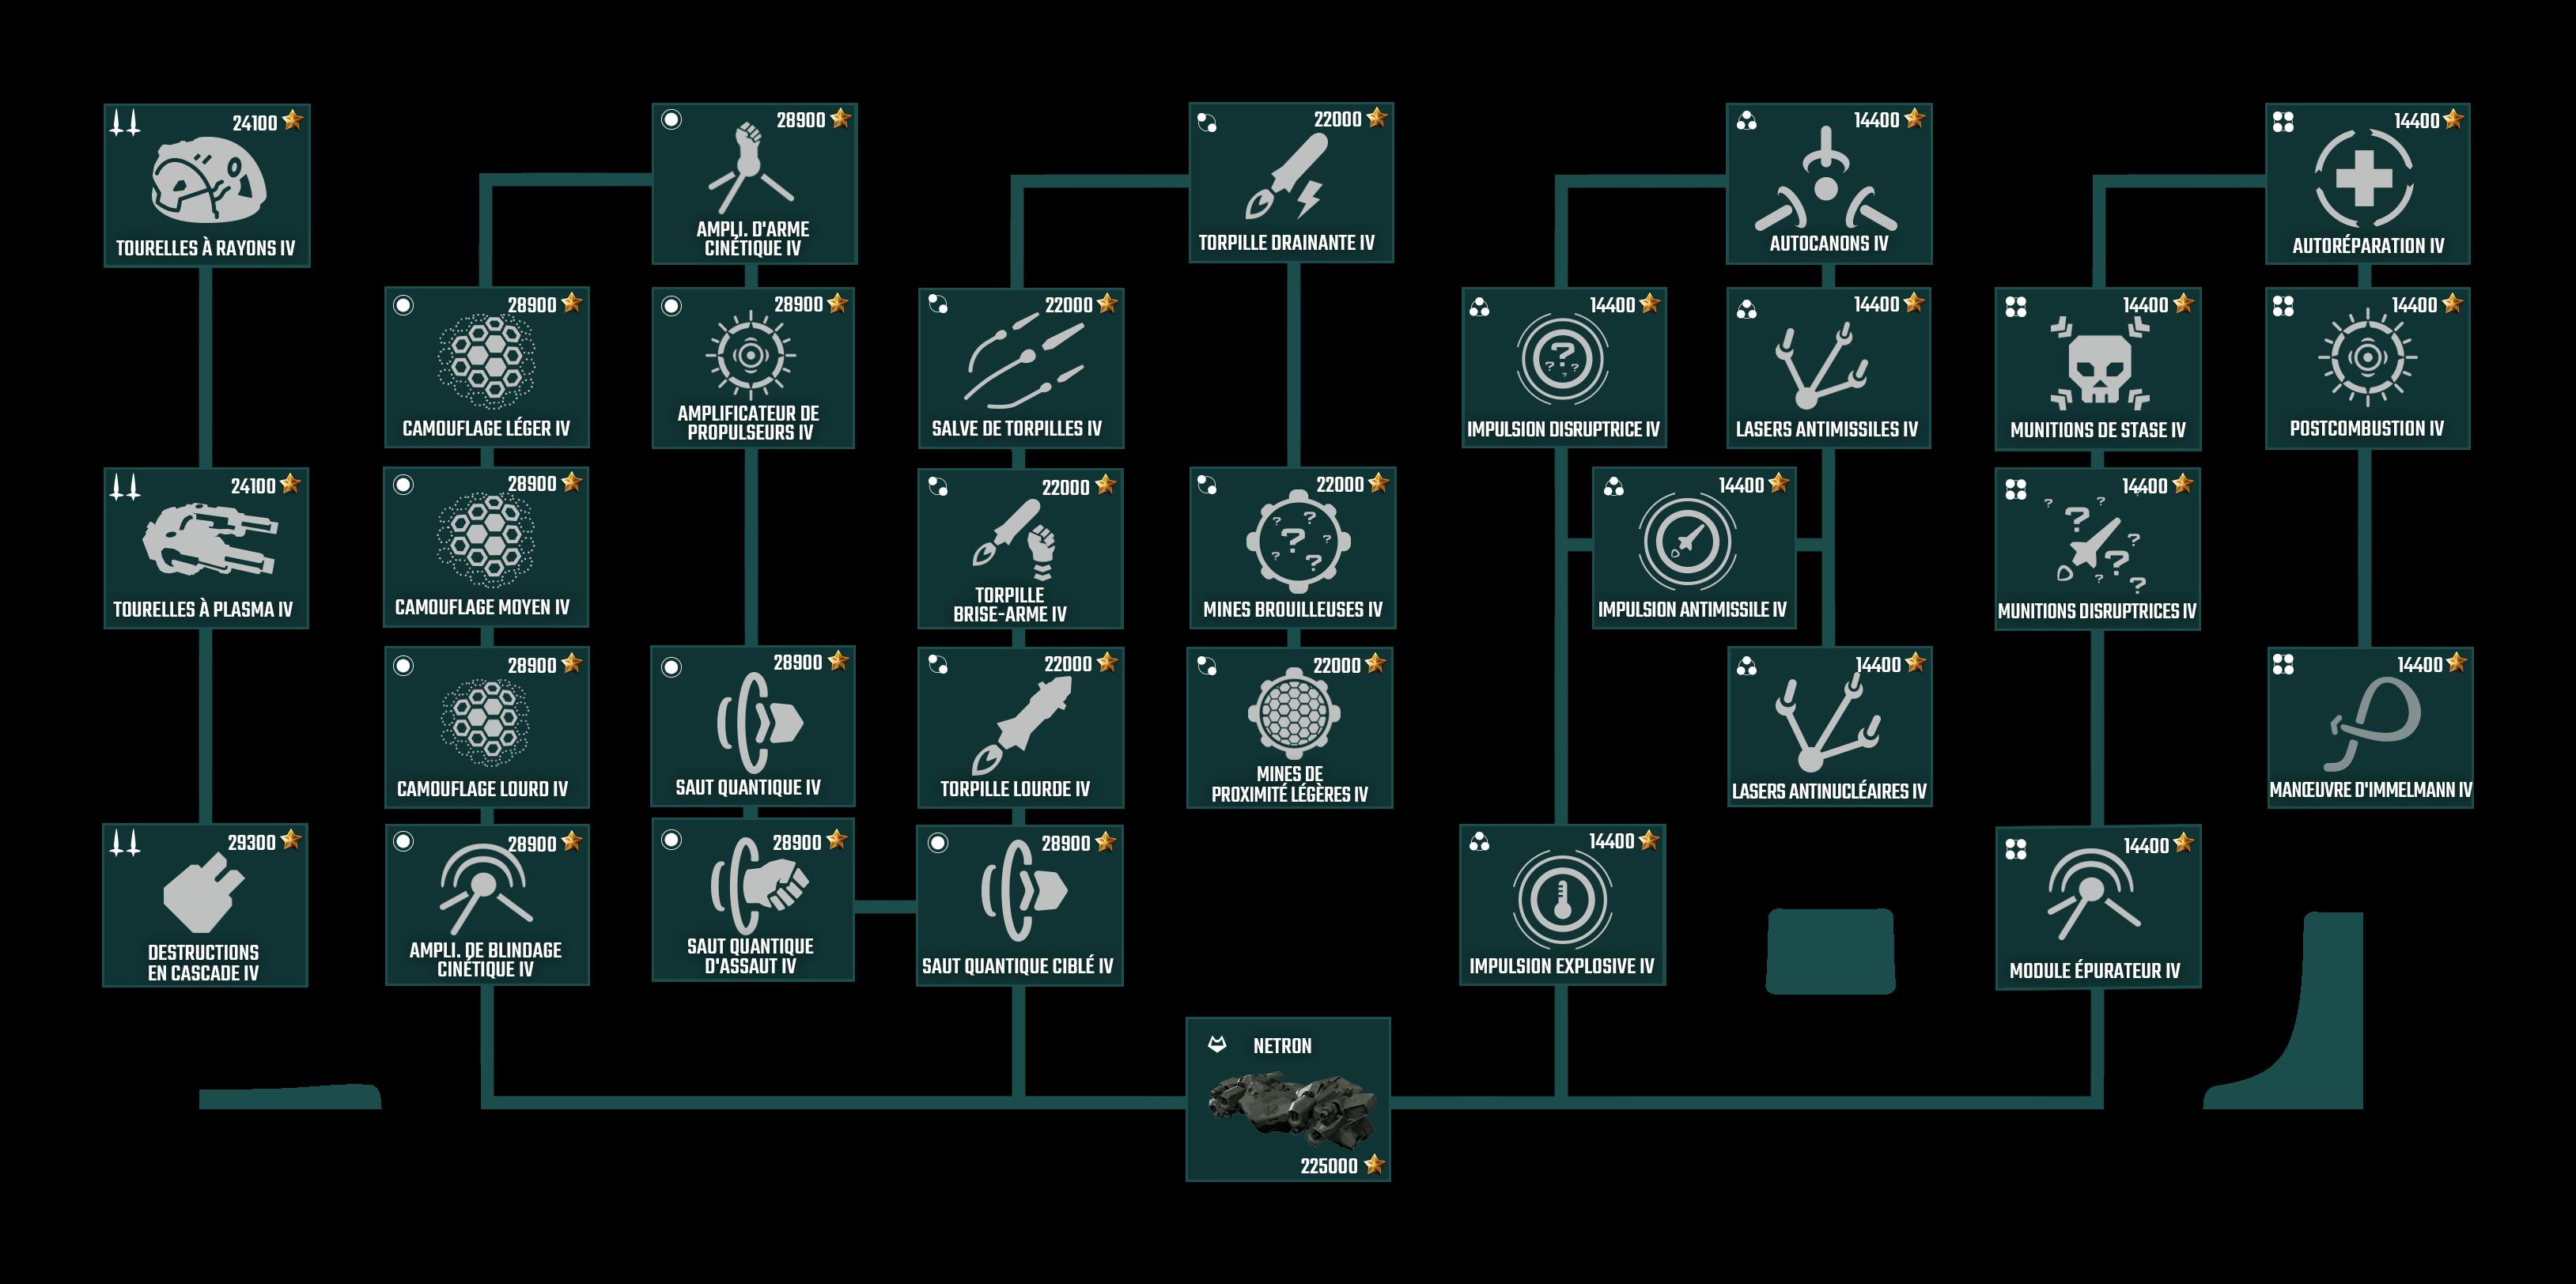 monde des niveaux de matchmaking des vaisseaux de guerre